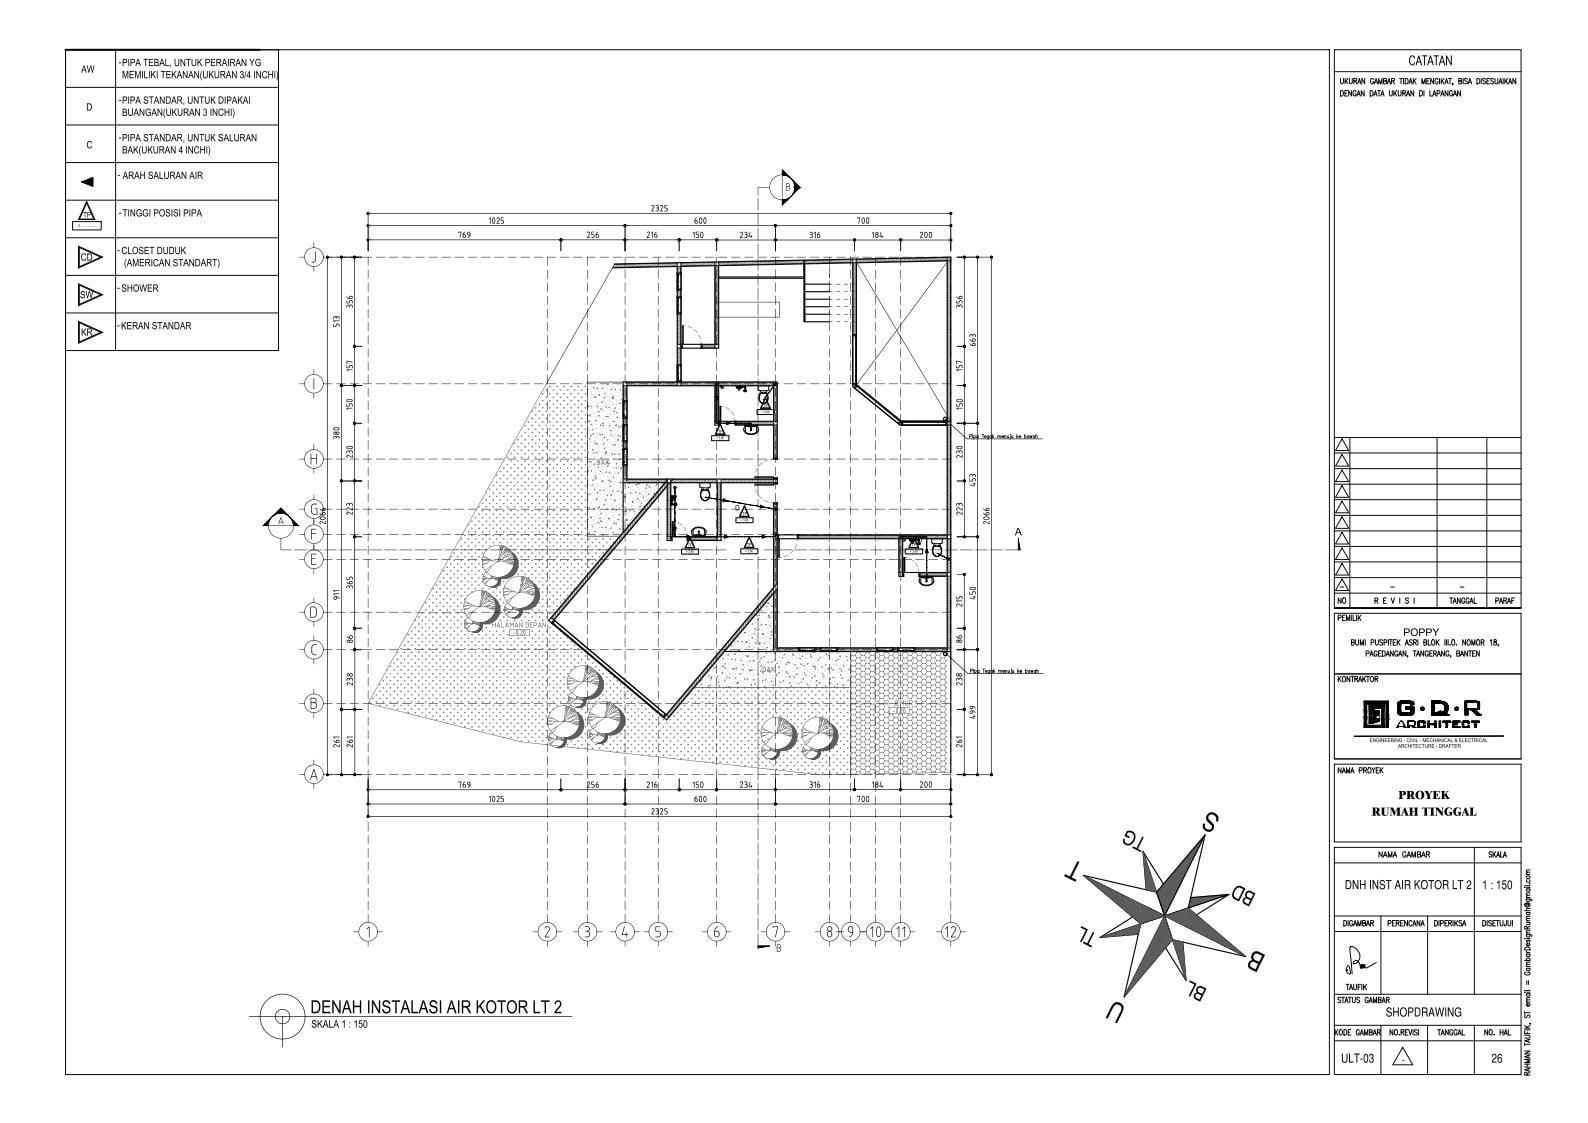 Jasa Desain Rumah Contoh Paket Gambar Kerja 26 DENAH INSTALASI AIR KOTOR LT 2